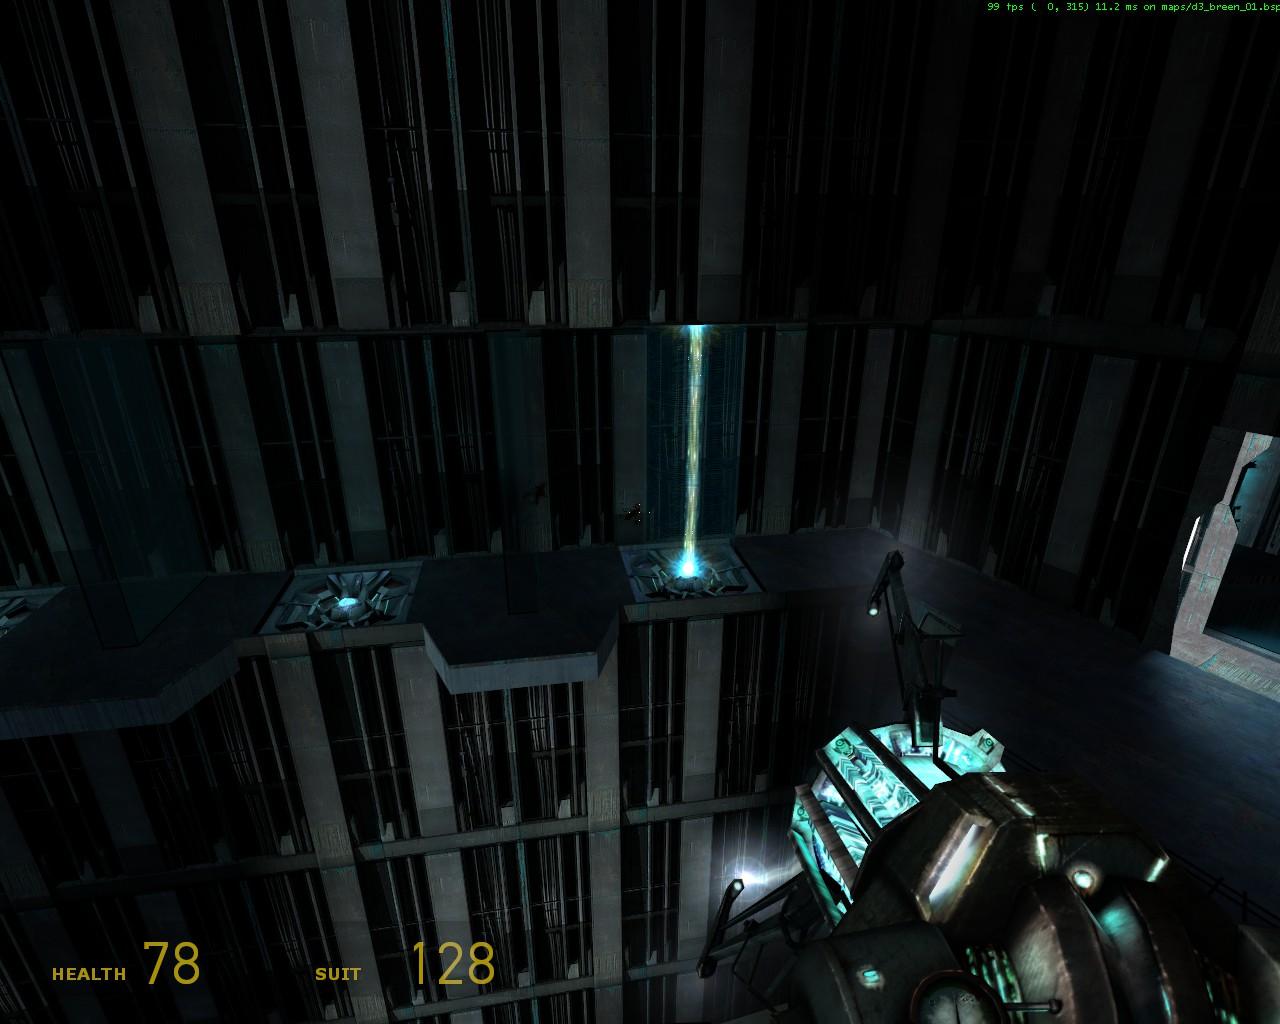 d3_breen_010013.jpg - Half-Life 2